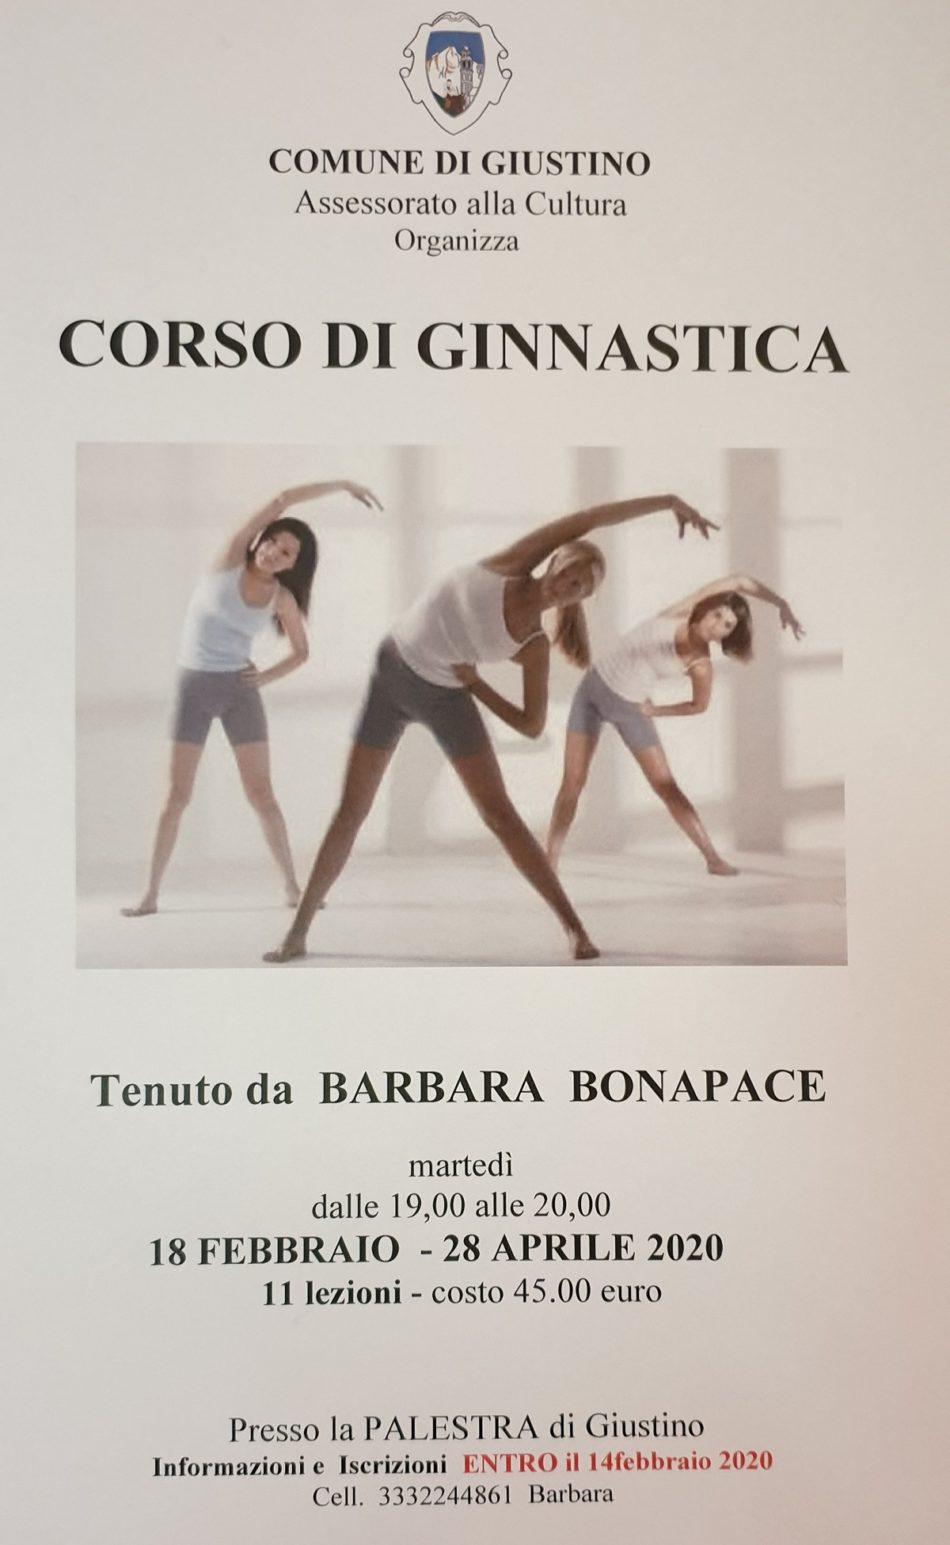 Corso di Ginnastica tenuto da Barbara Bonapace